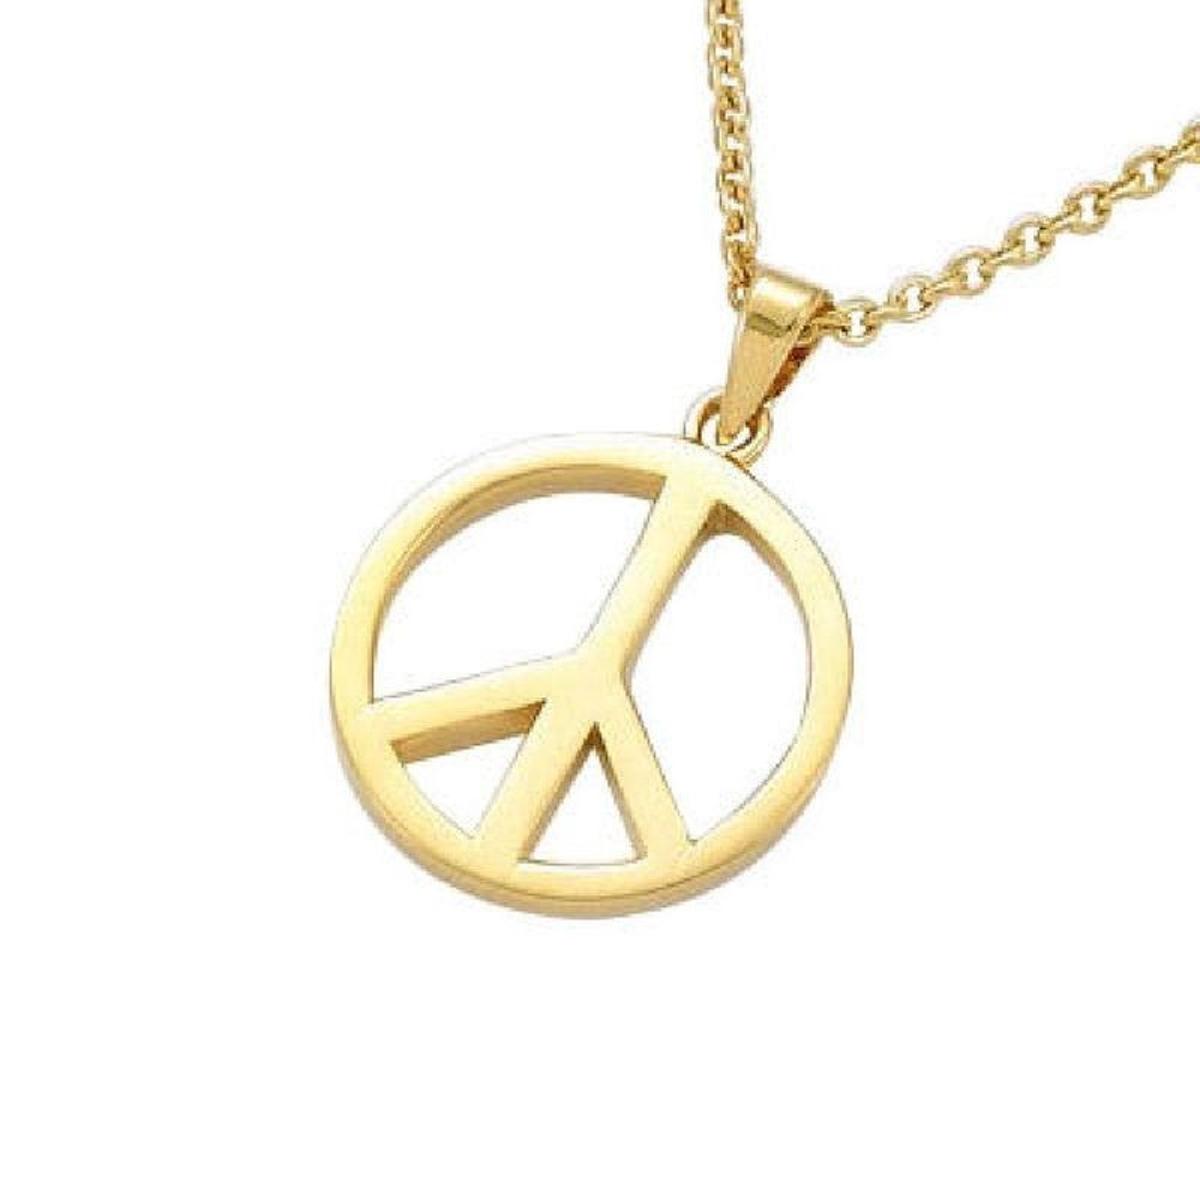 Pendentif Peace and Love Plaqué Or 750 (Vendu seul: sans chaîne présentée)